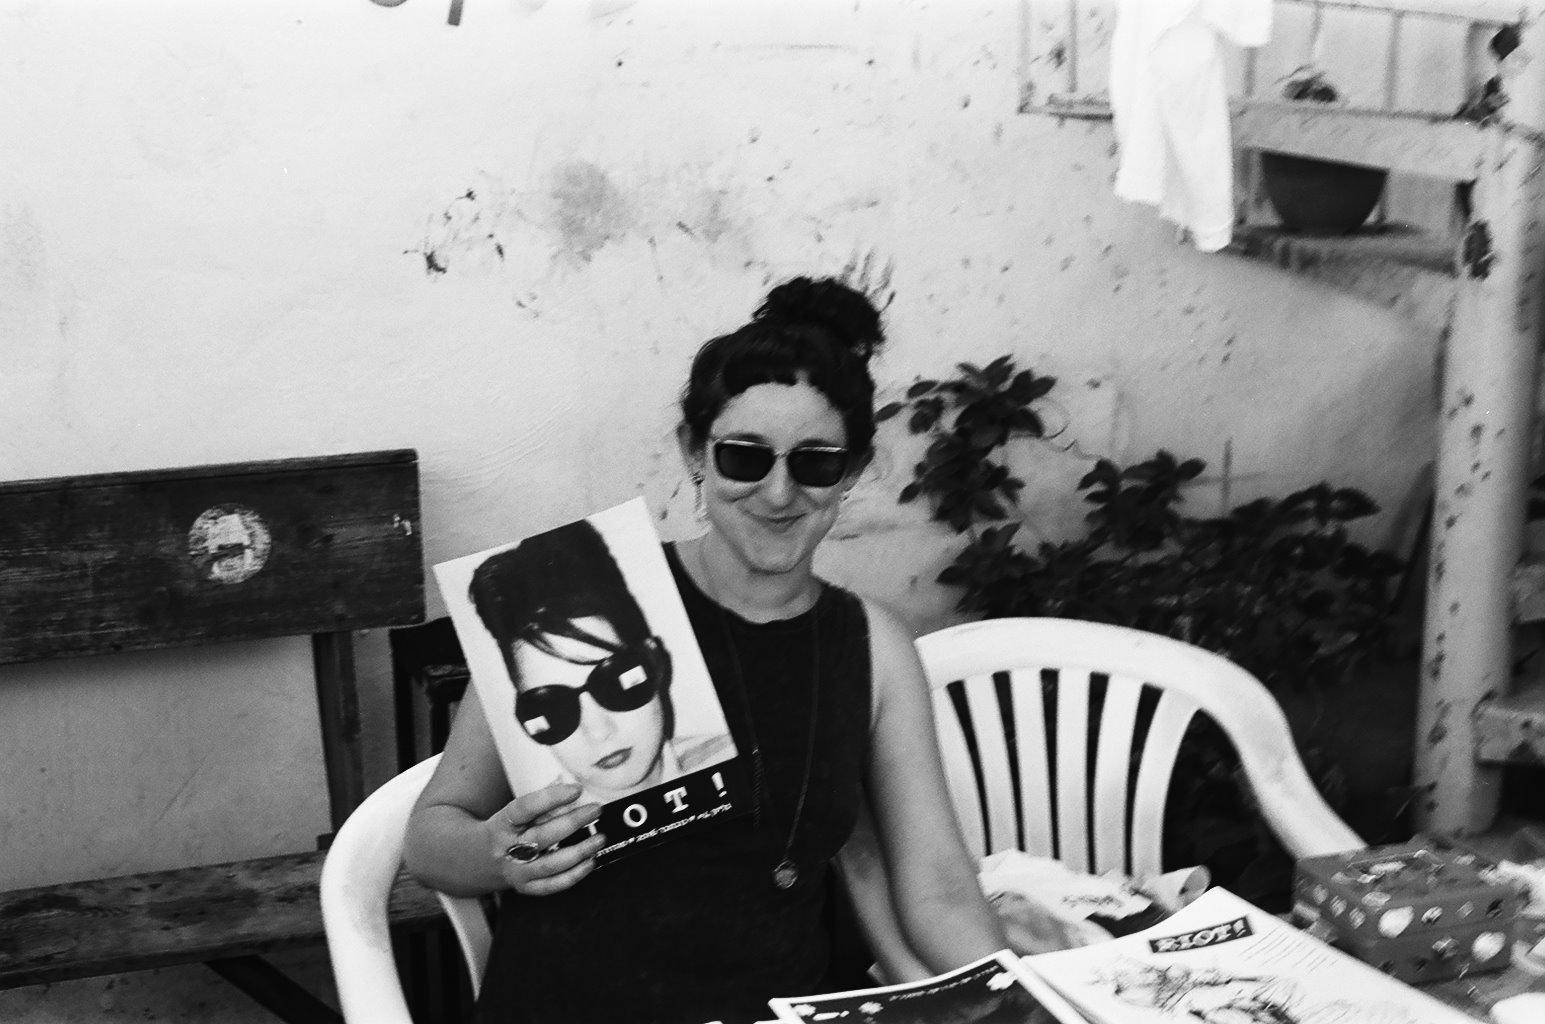 תמונה של ניצן פינקו שדרנית בתכנית ריוט! ושמתראיינת בכתבה